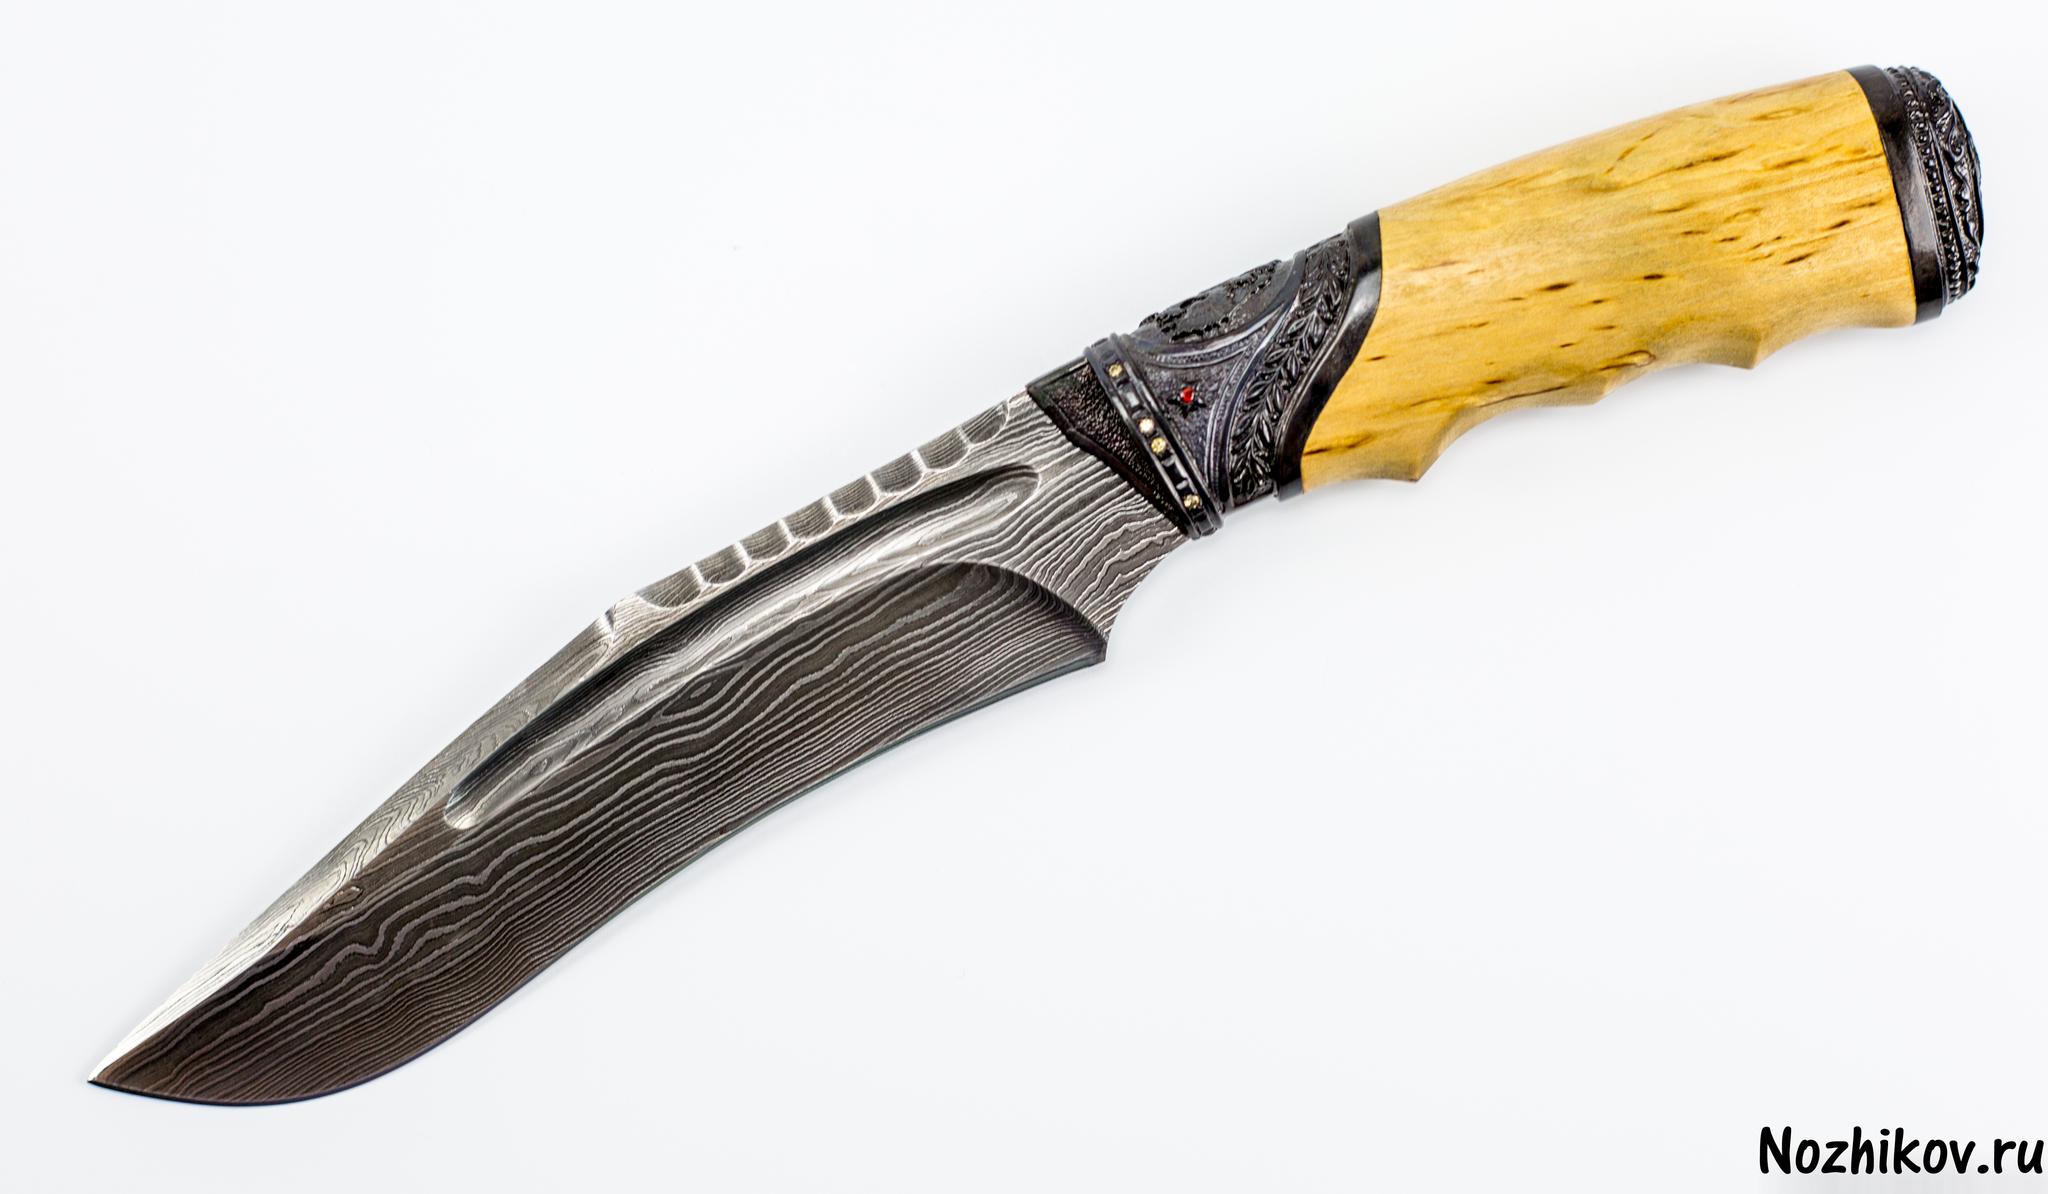 Авторский Нож из Дамаска №27, КизлярНожи Кизляр<br><br>